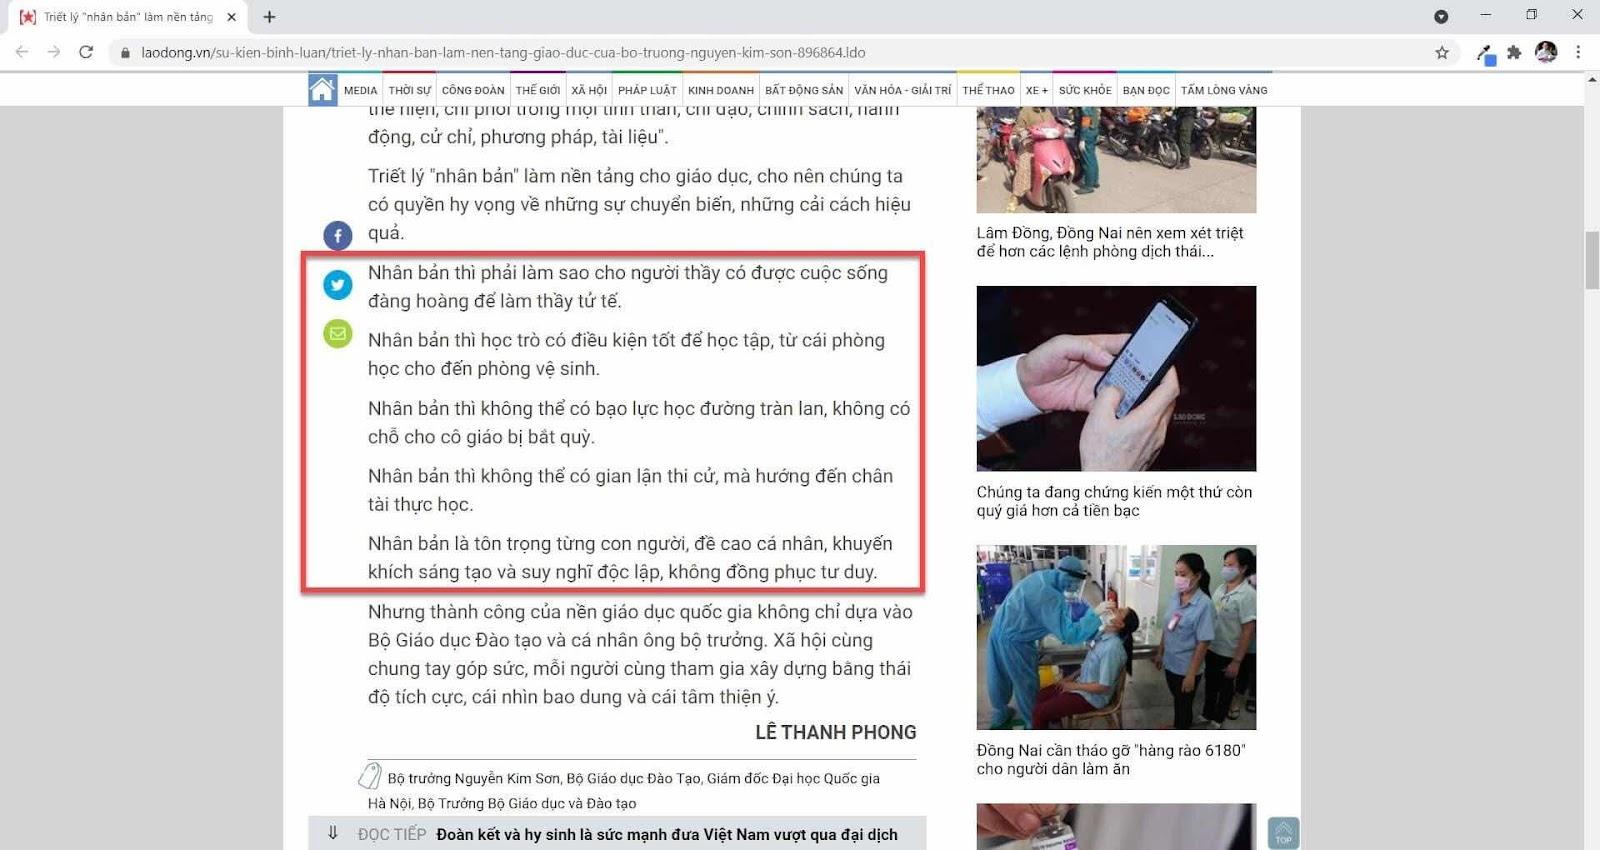 Về tại sao triết lý nhân bản của Bộ Trưởng Bộ Giáo Dục Nguyễn Kim Sơn chỉ là lời nói suông ?